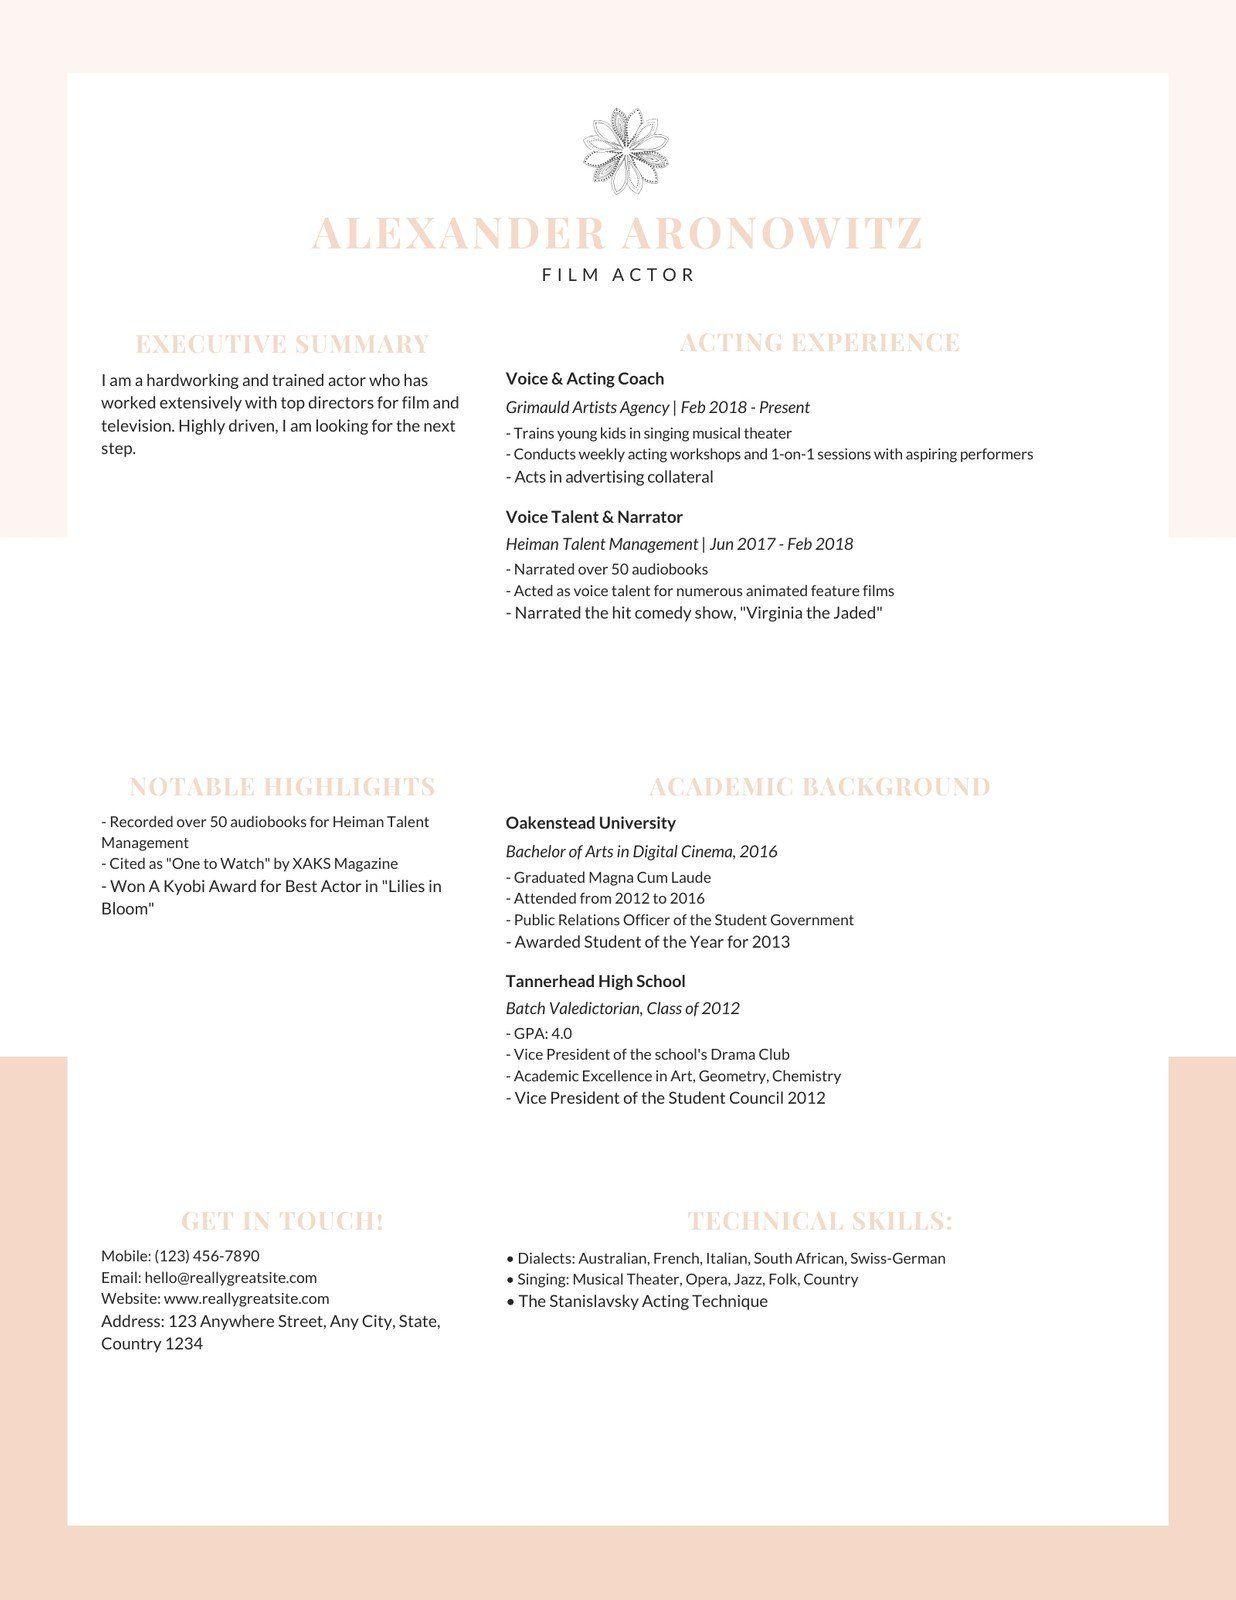 Pastel Peach Simple Minimalist Resume Templates By Canva Ad Simple Paid Pe Minimalist Resume Template Creative Resume Templates Printing Business Cards